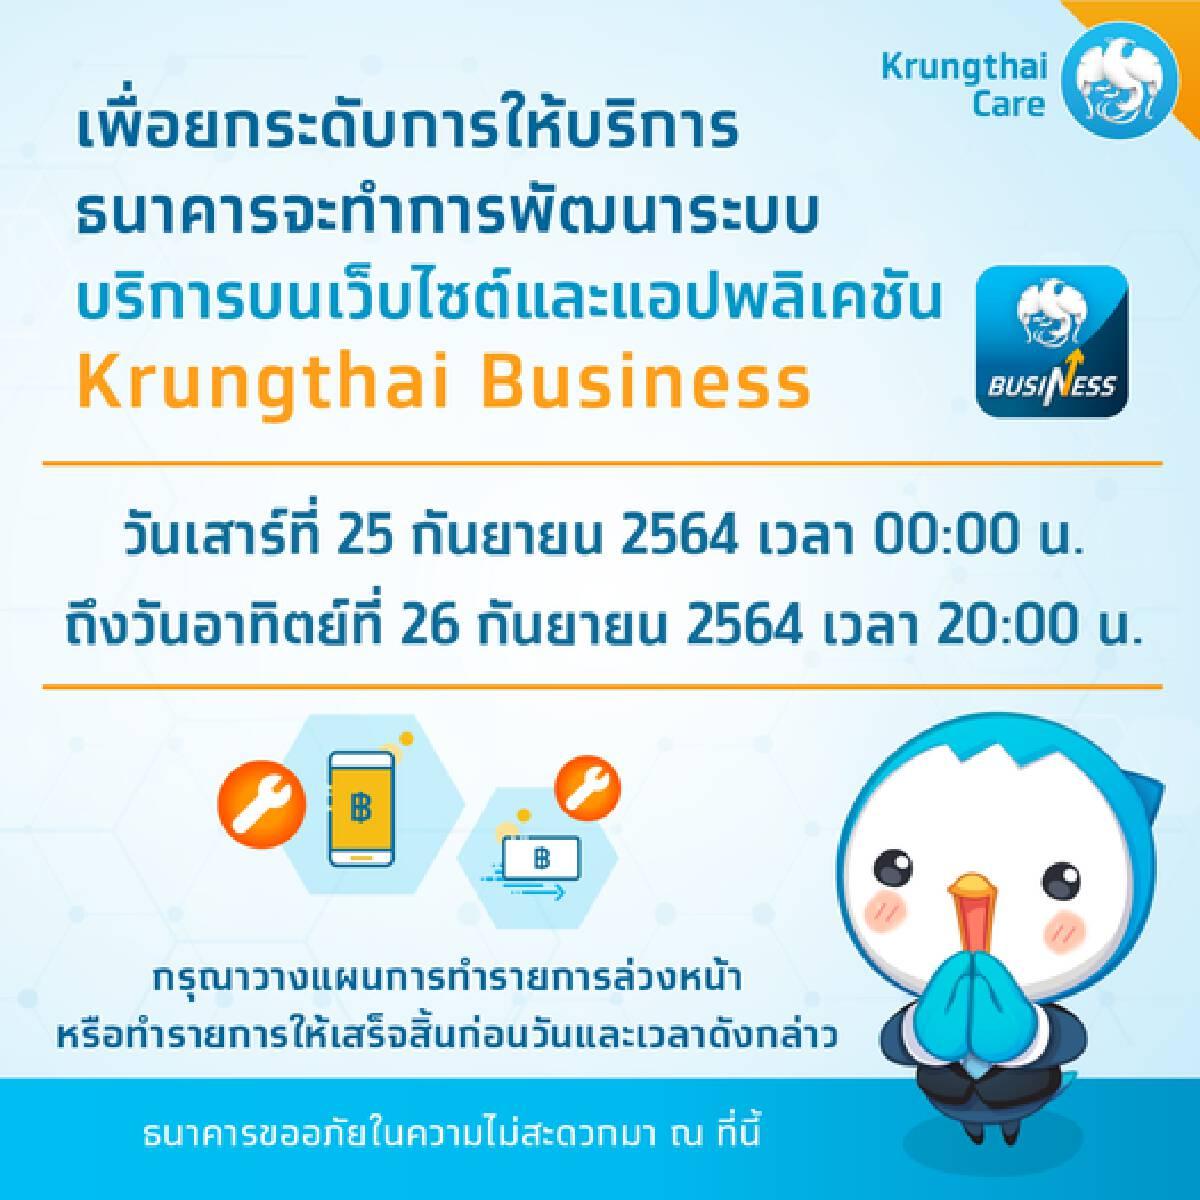 ธนาคารกรุงไทย พัฒนาระบบบริการบนเว็บไซต์ และแอปพลิเคชัน